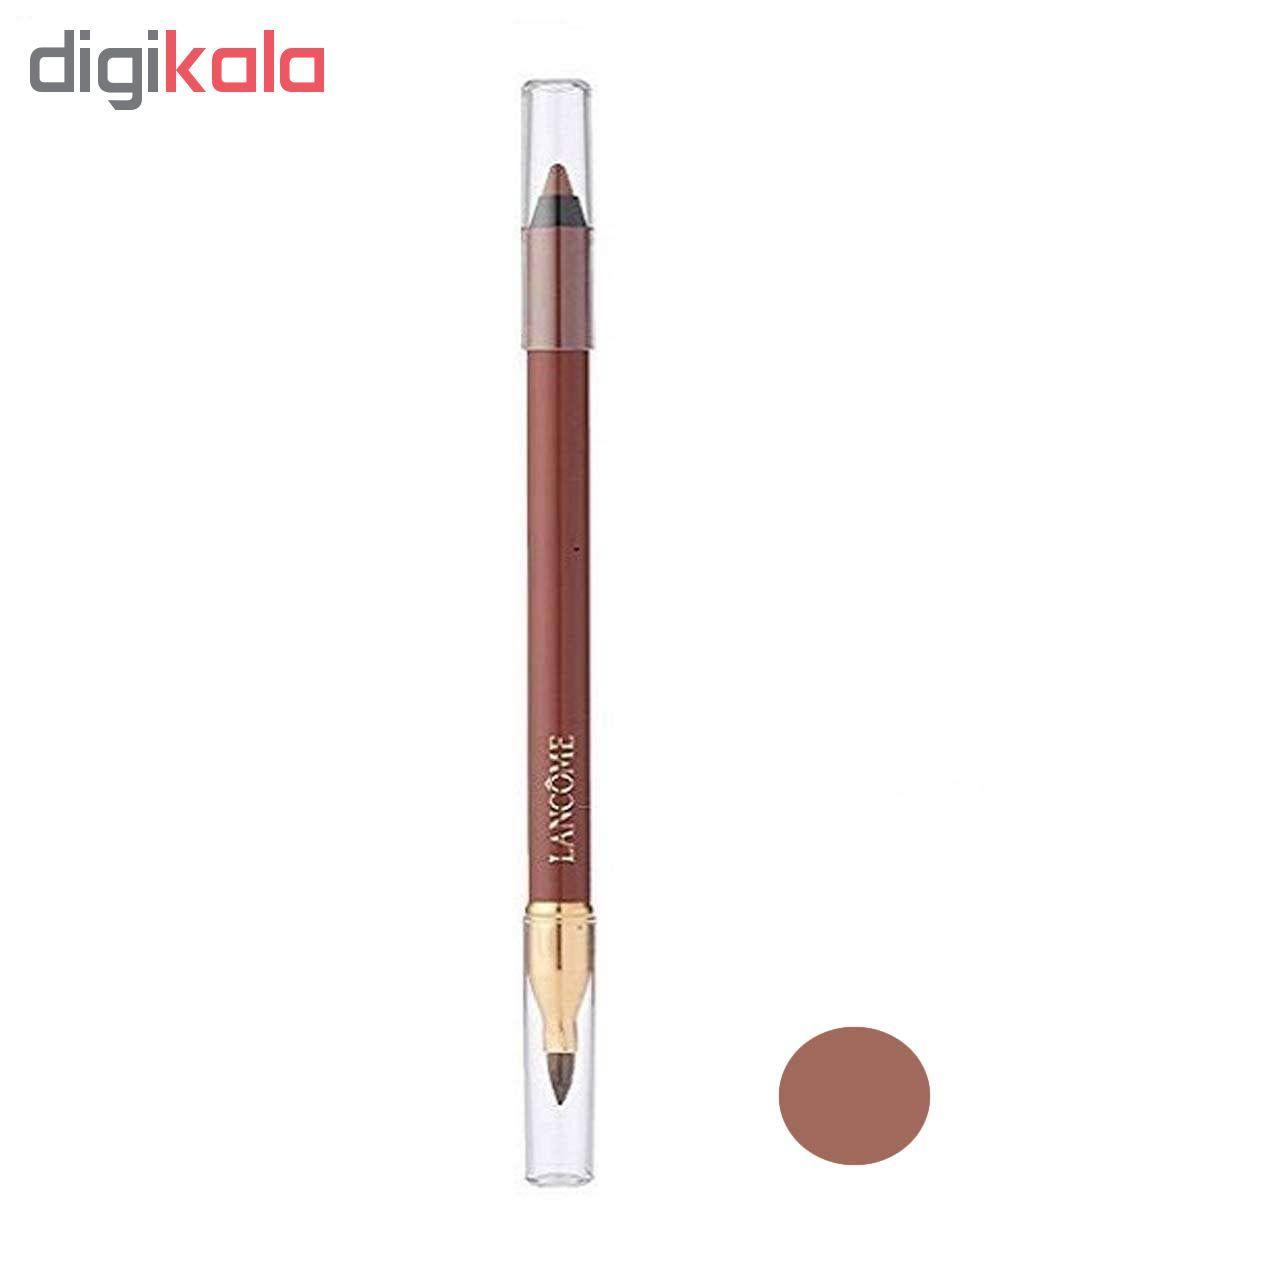 مداد لب لانکوم شماره 254 main 1 1